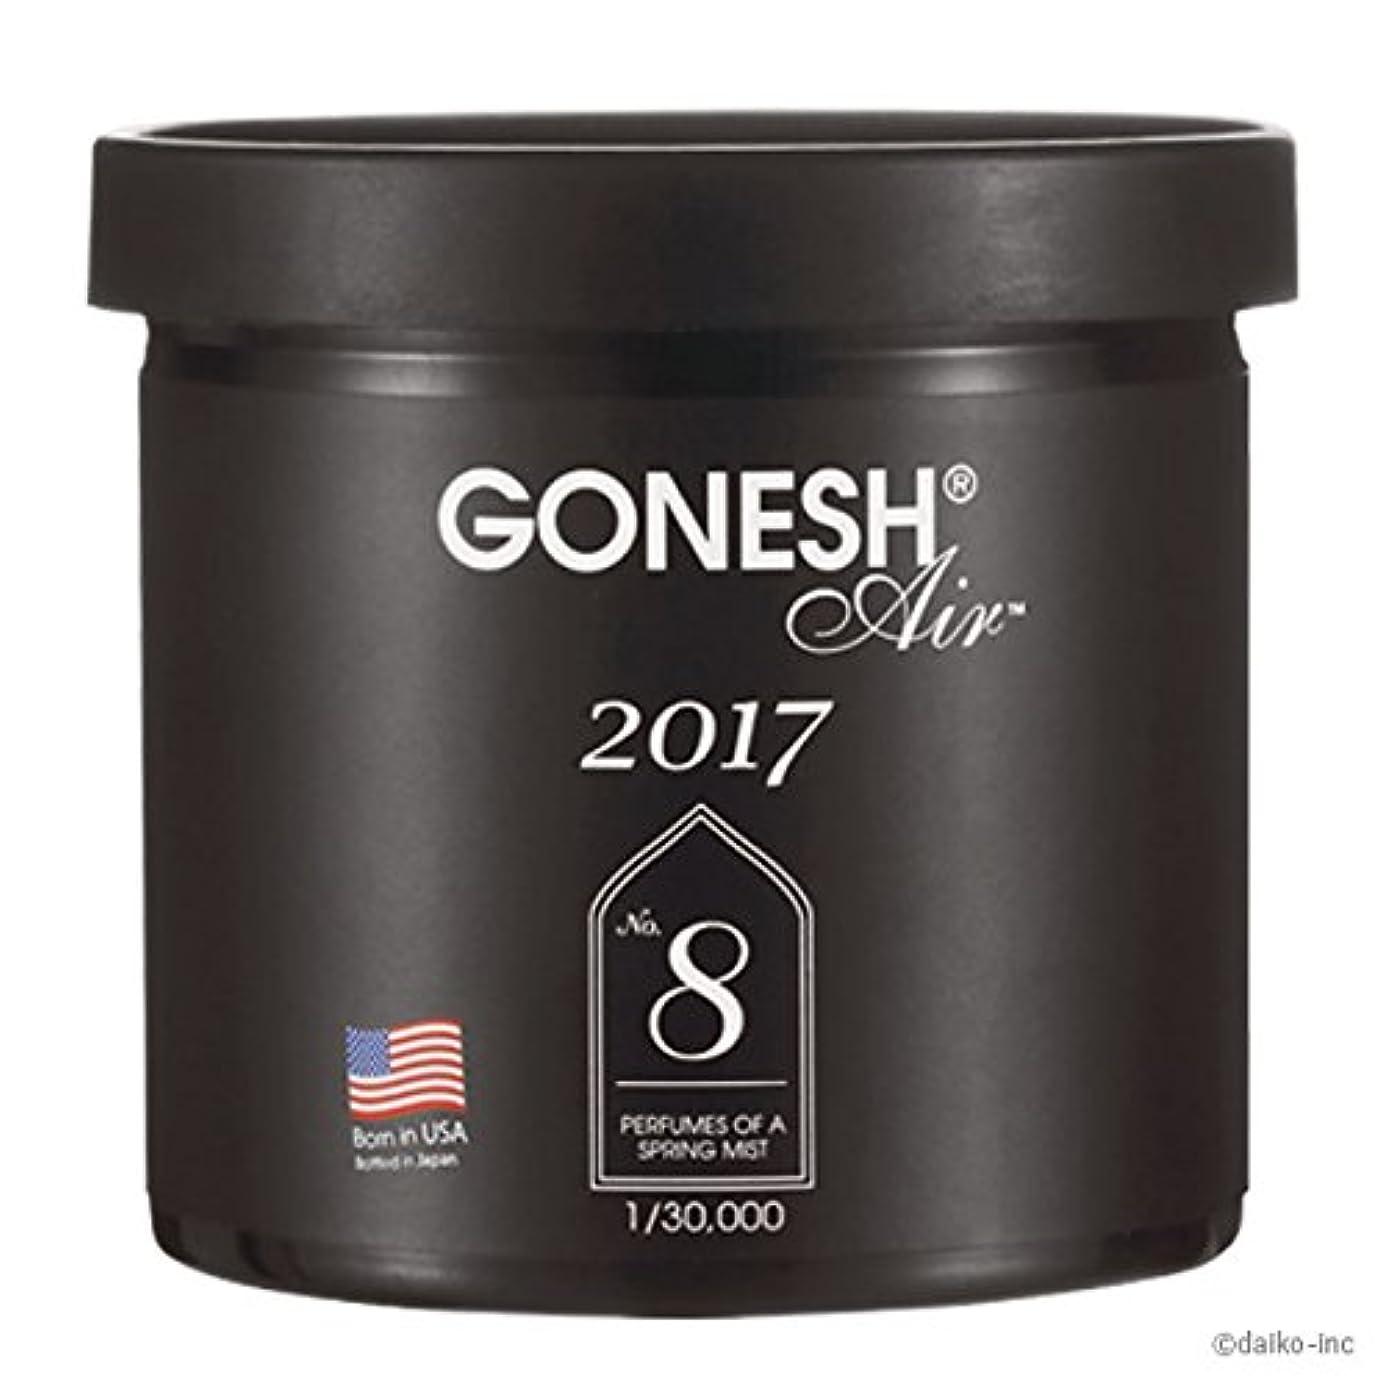 変な溶接不適当【数量限定】GONESH ANNUAL GEL 2017 for Car